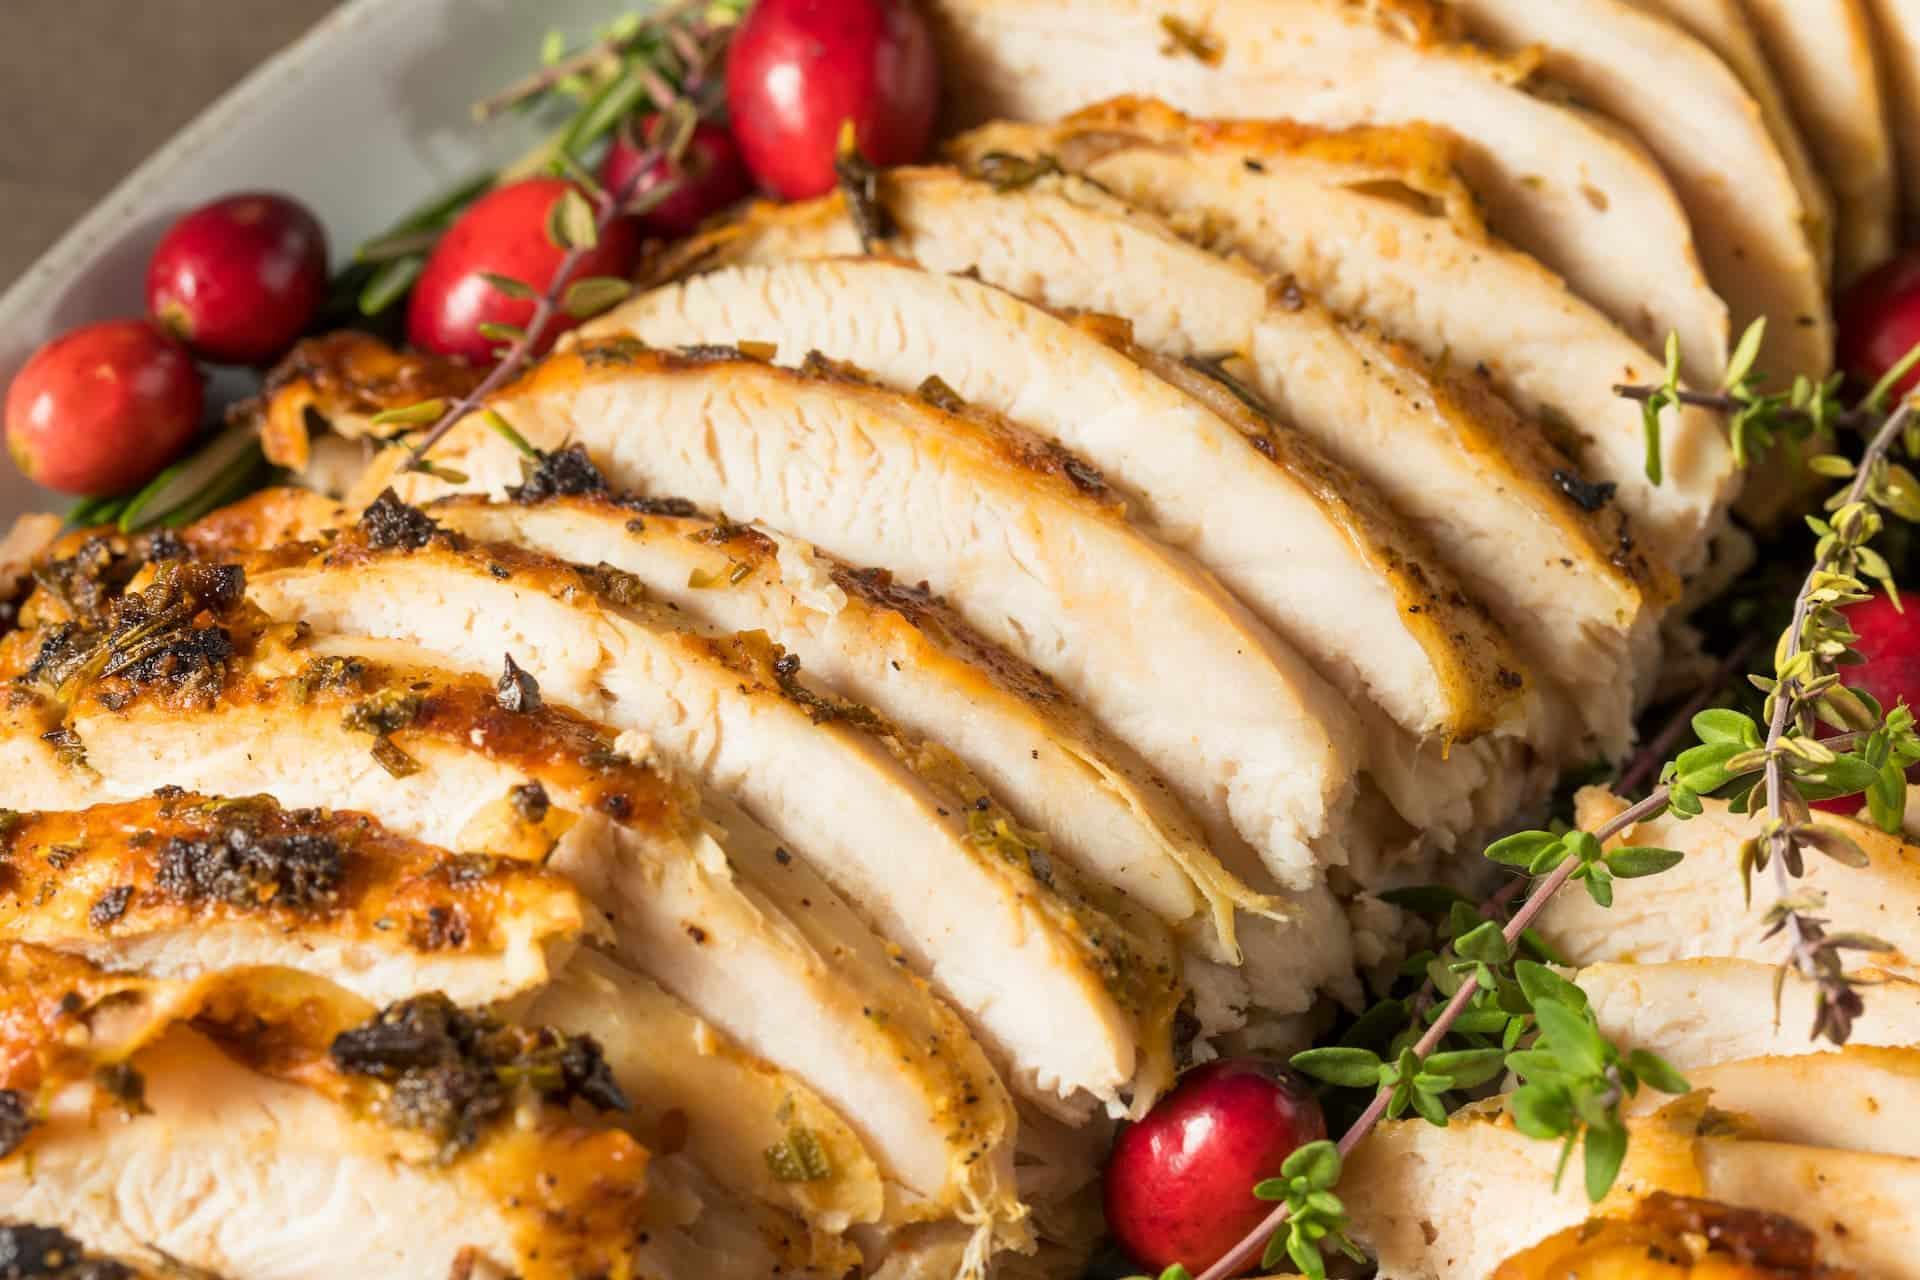 Hähnchen- und Geflügenfleisch - Platz 4 eiweißhaltige Lebensmittel